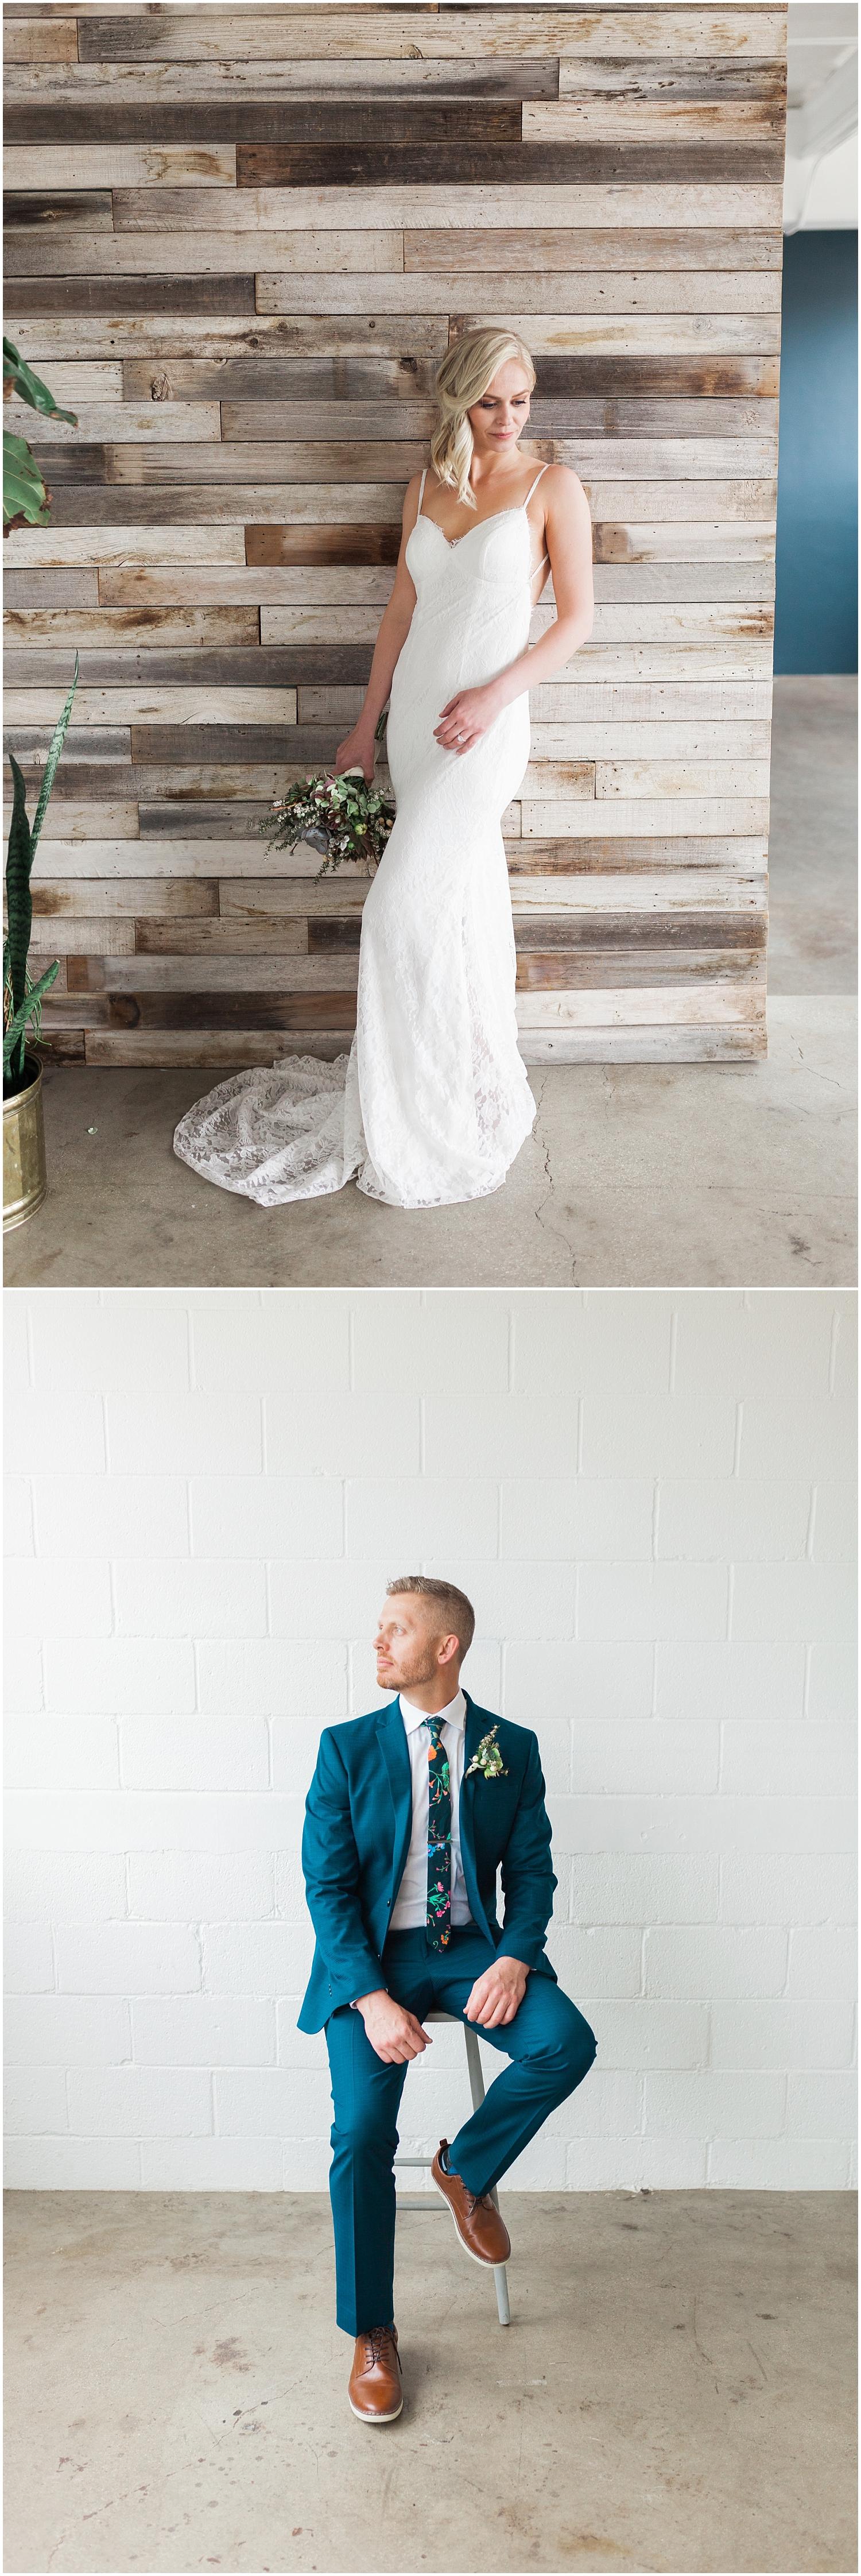 Bonneville Salt Flats Bridals-Ryan & Rachael-Rachel Reyes Photography_0161.jpg